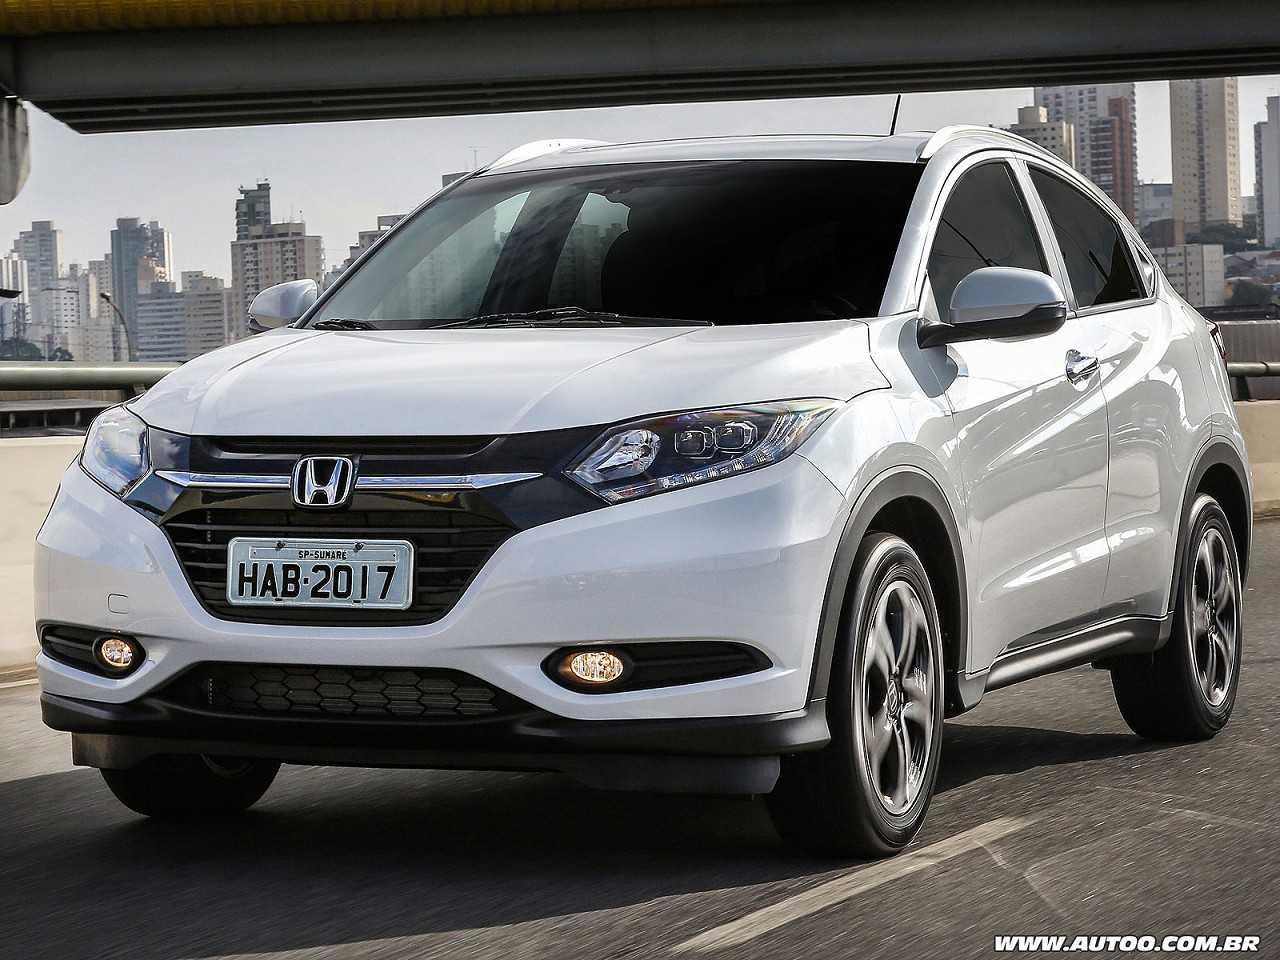 HondaHR-V 2017 - ângulo frontal